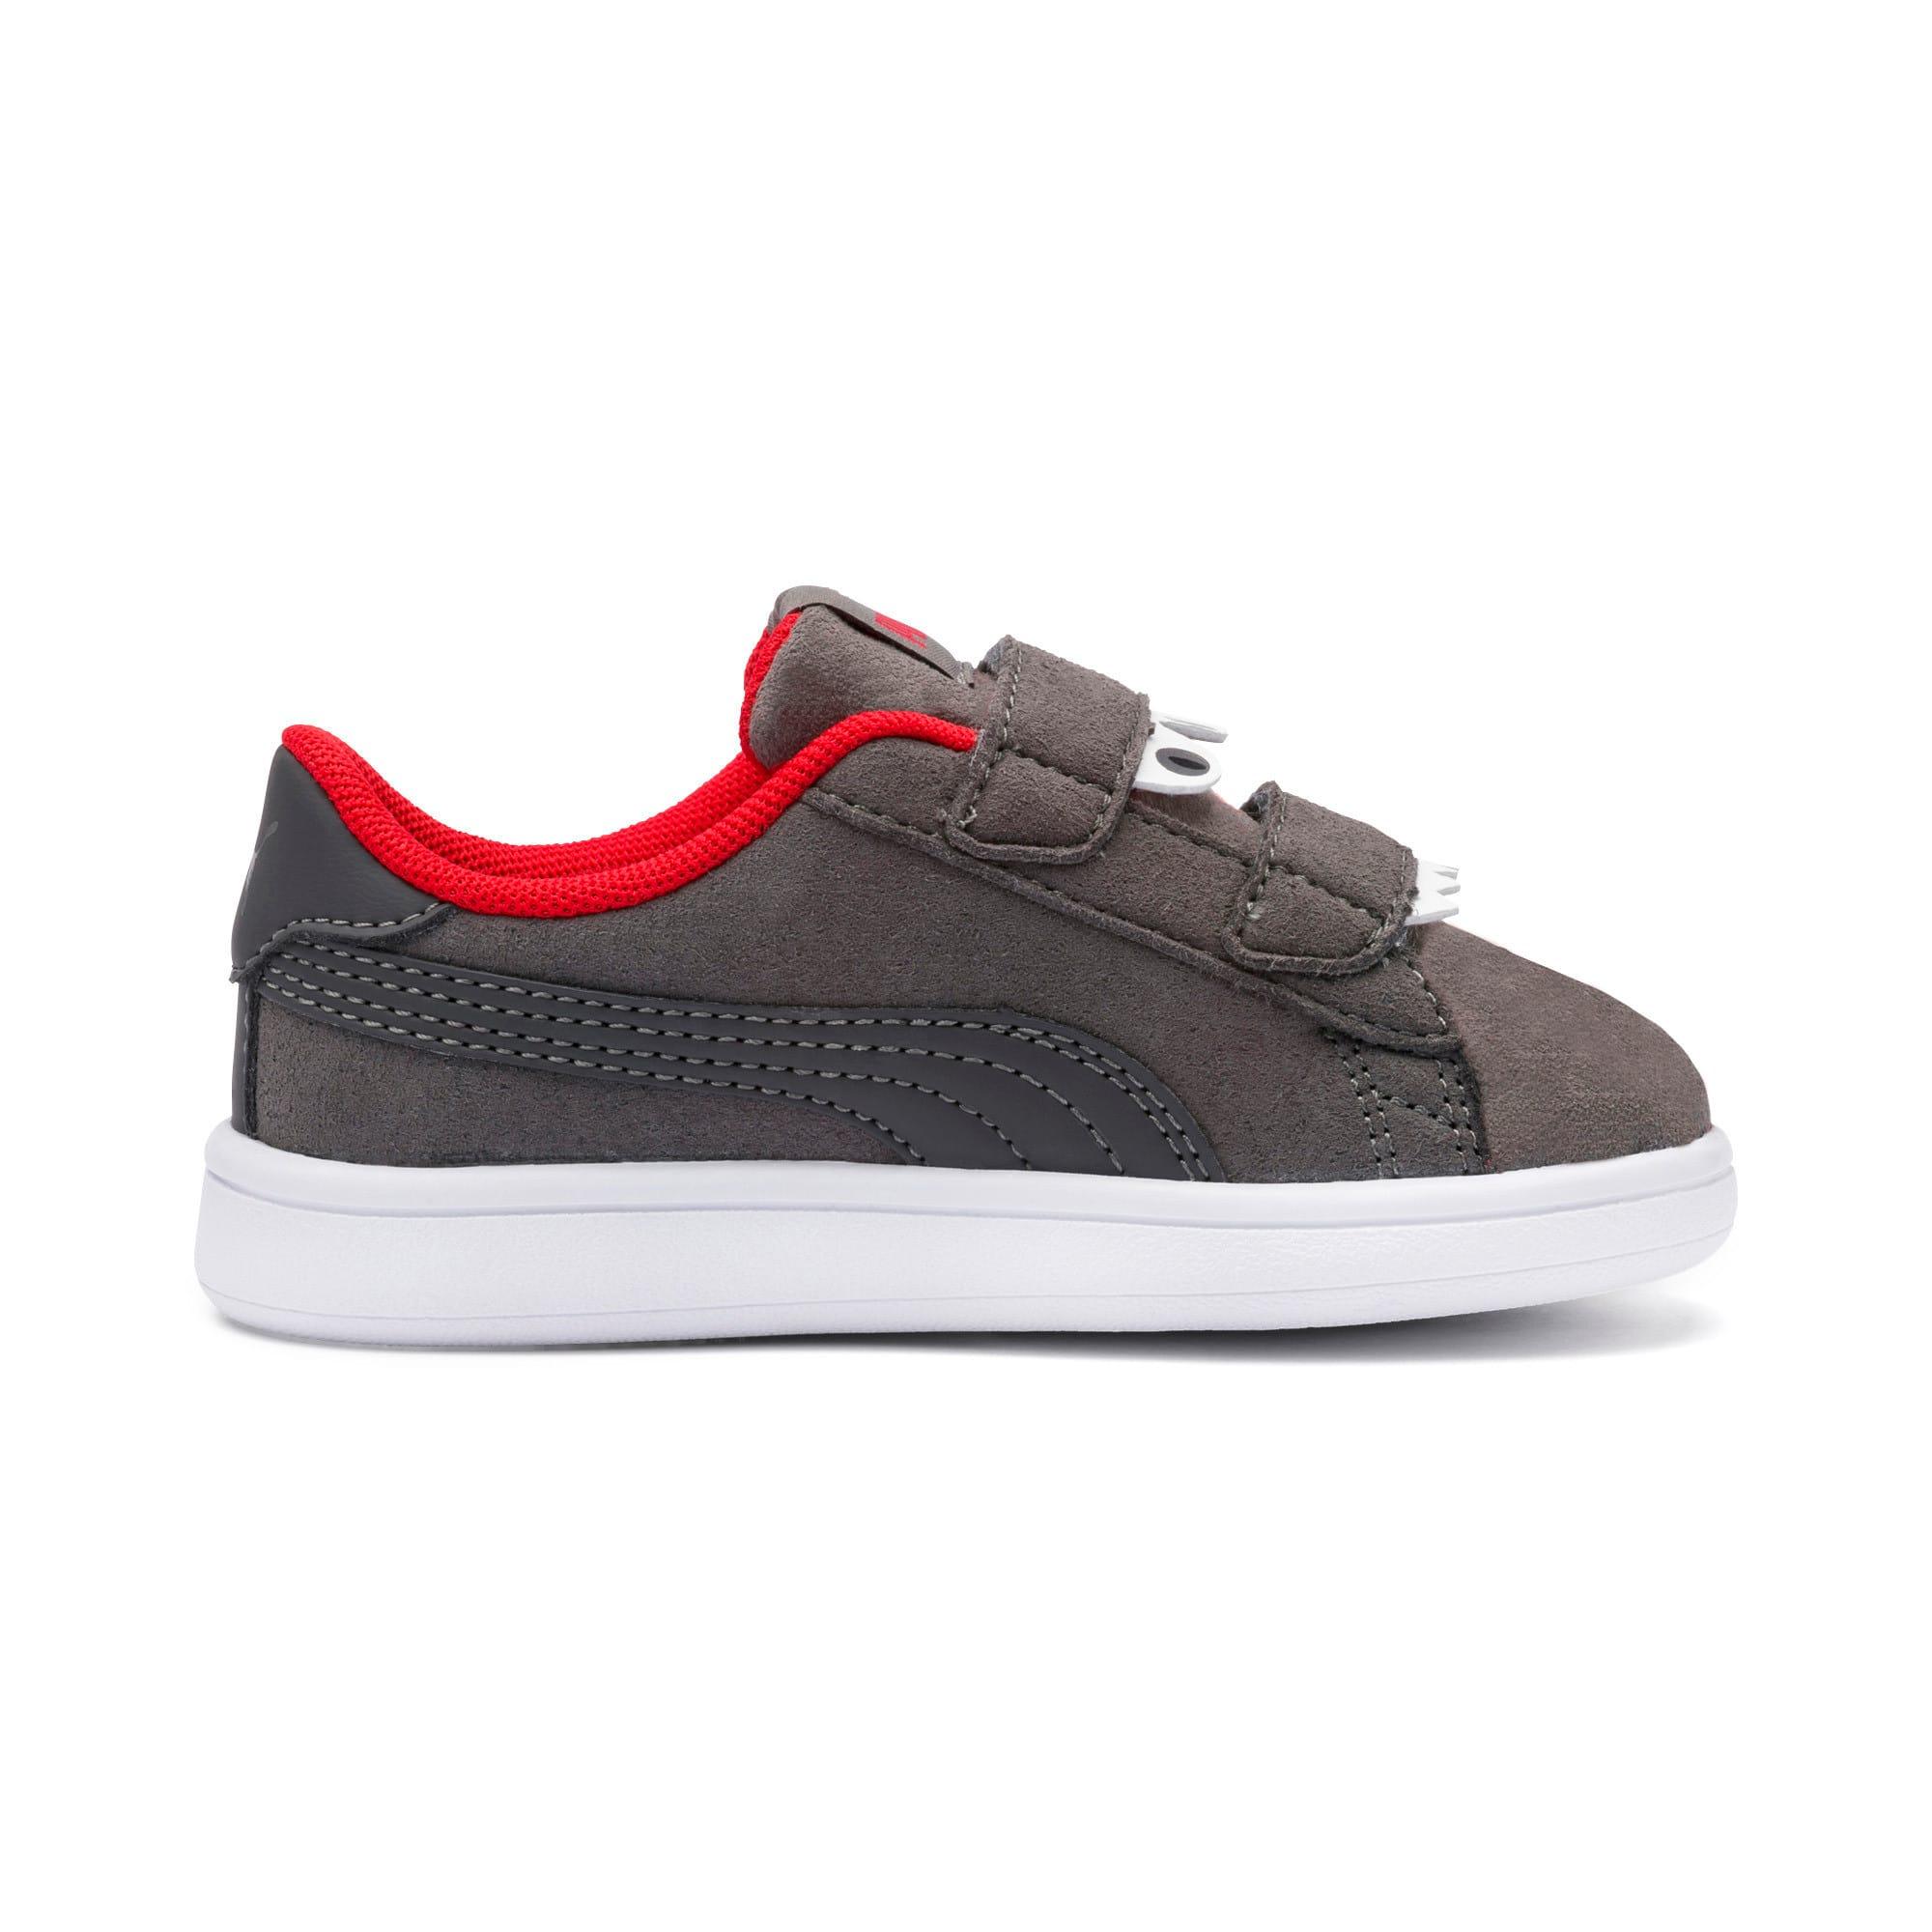 Thumbnail 5 of PUMA Smash v2 Monster Toddler Shoes, Asphalt-C. Gray-Red-White, medium